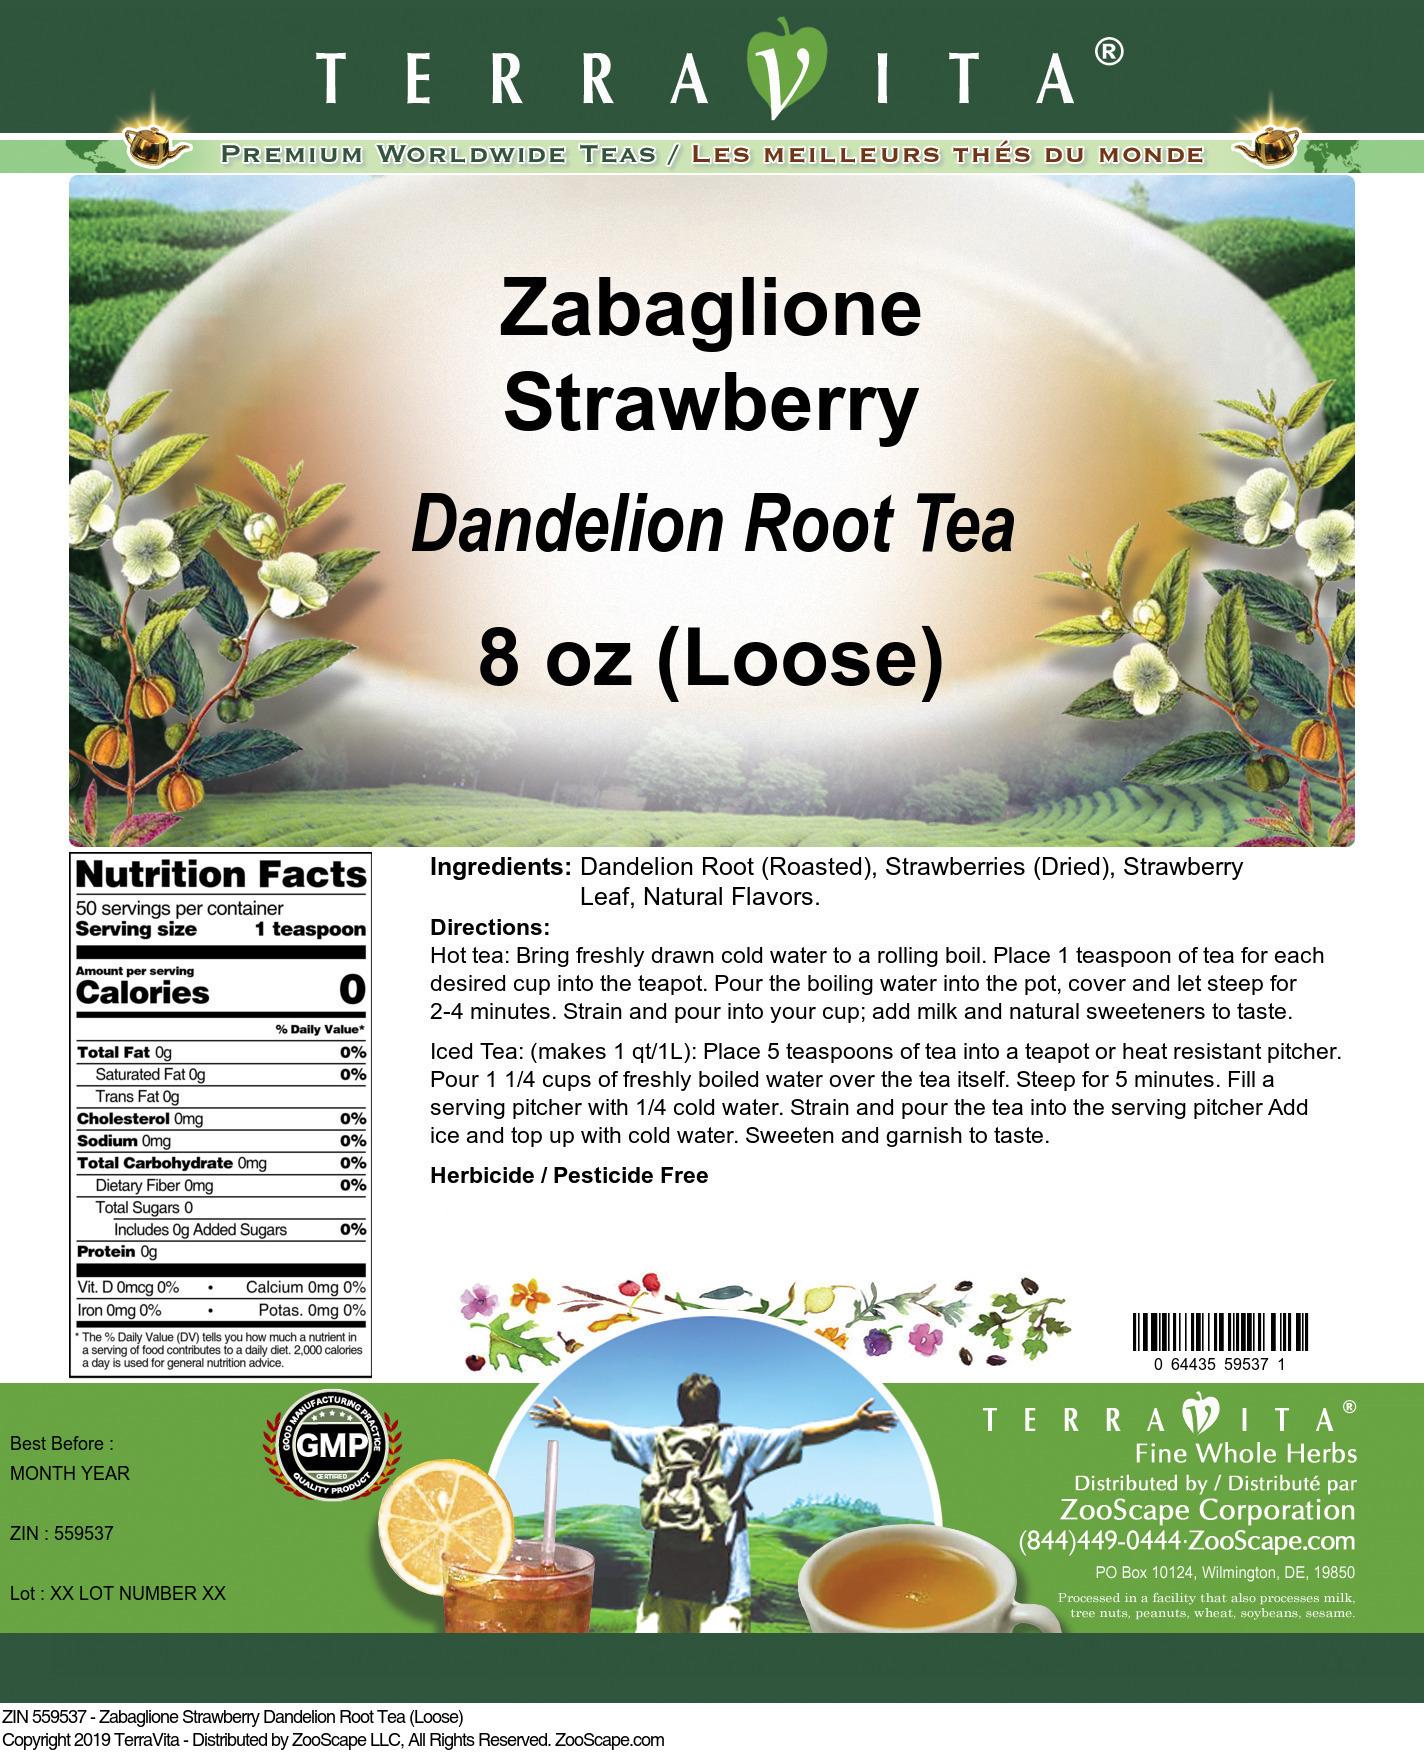 Zabaglione Strawberry Dandelion Root Tea (Loose)